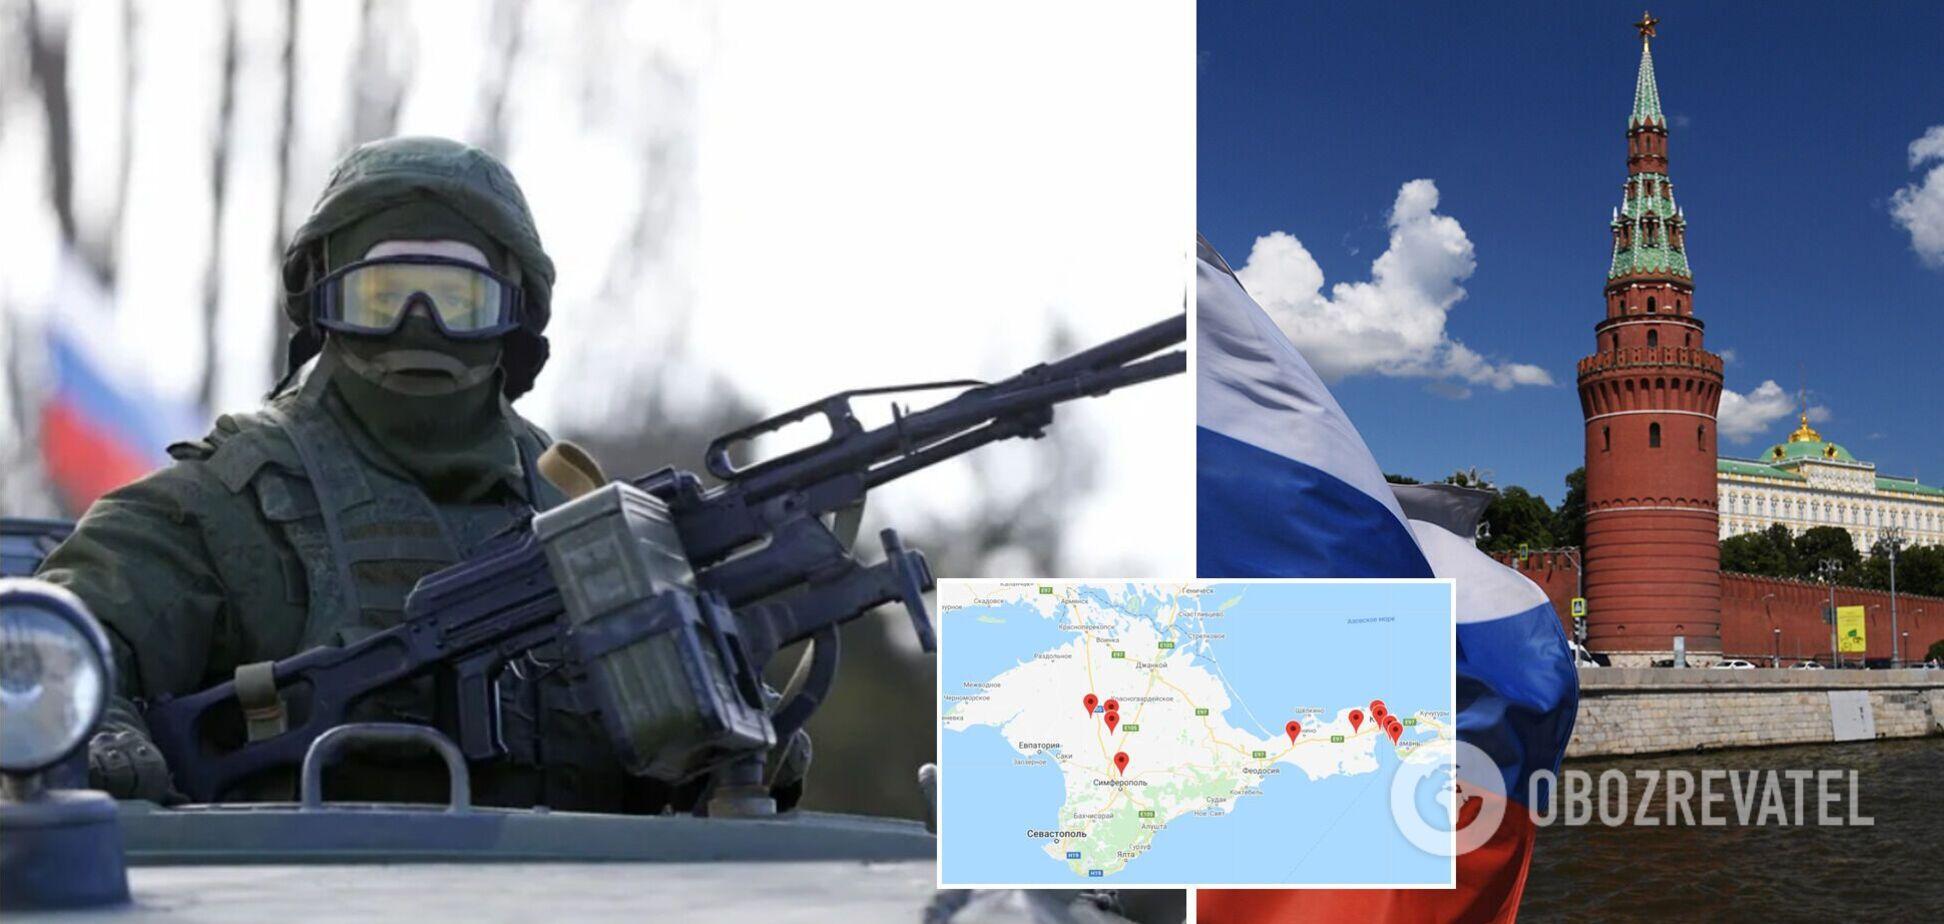 У Путина выдали, что скопление войск у границ Украины 'не должно никого беспокоить'